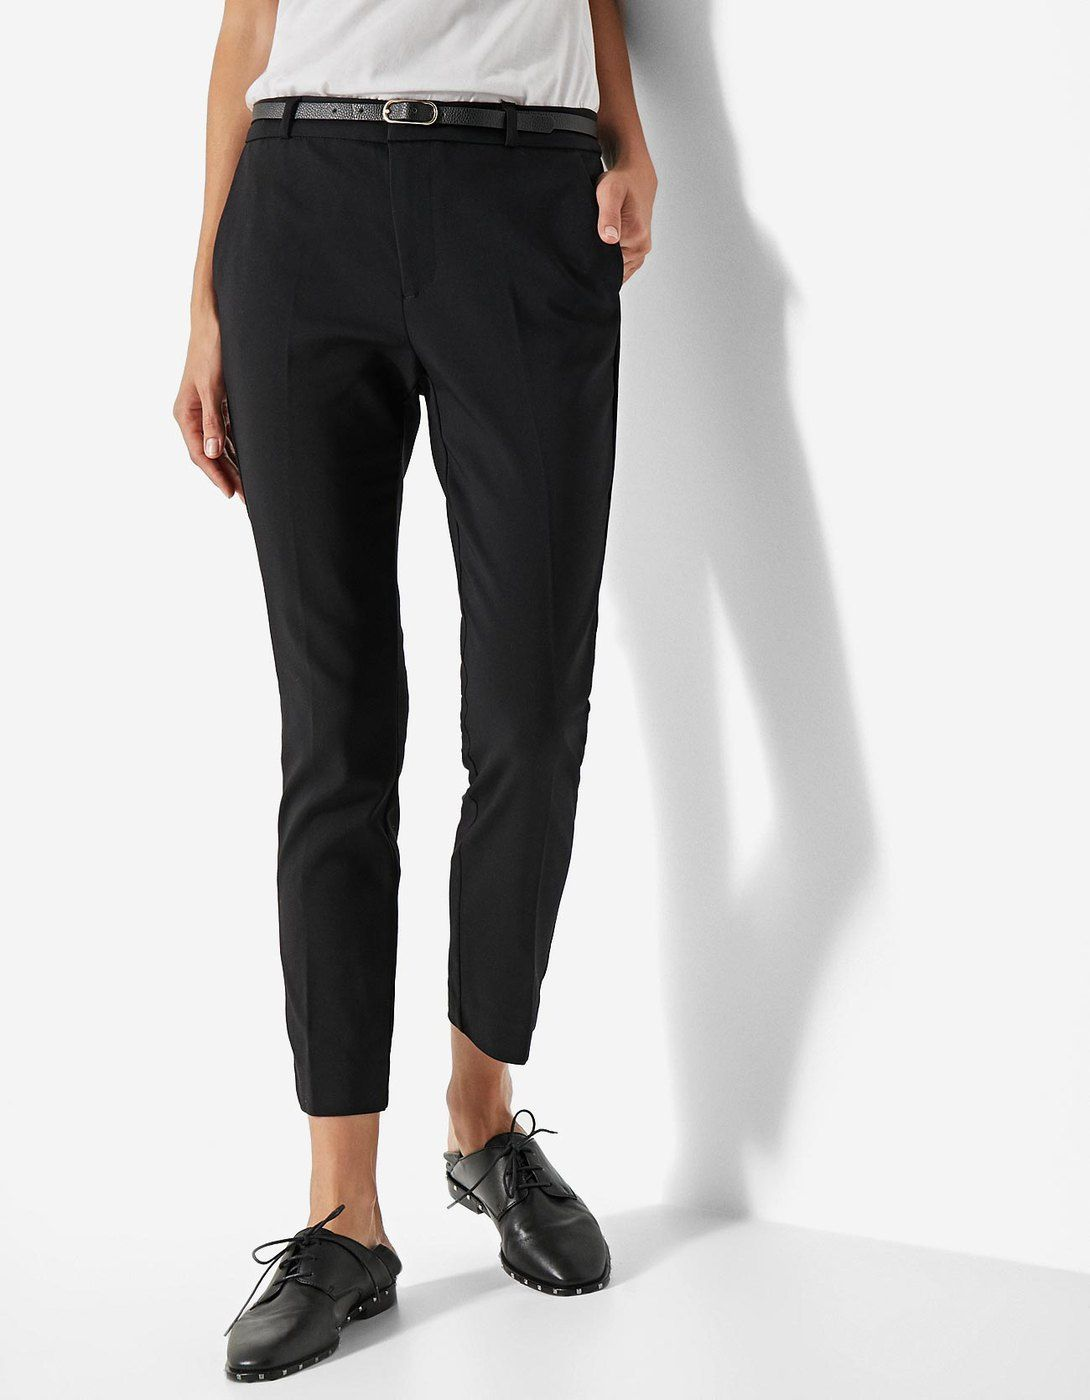 Pantalón vestir con cinturón - Pantalones  9f6f3e0ebf2